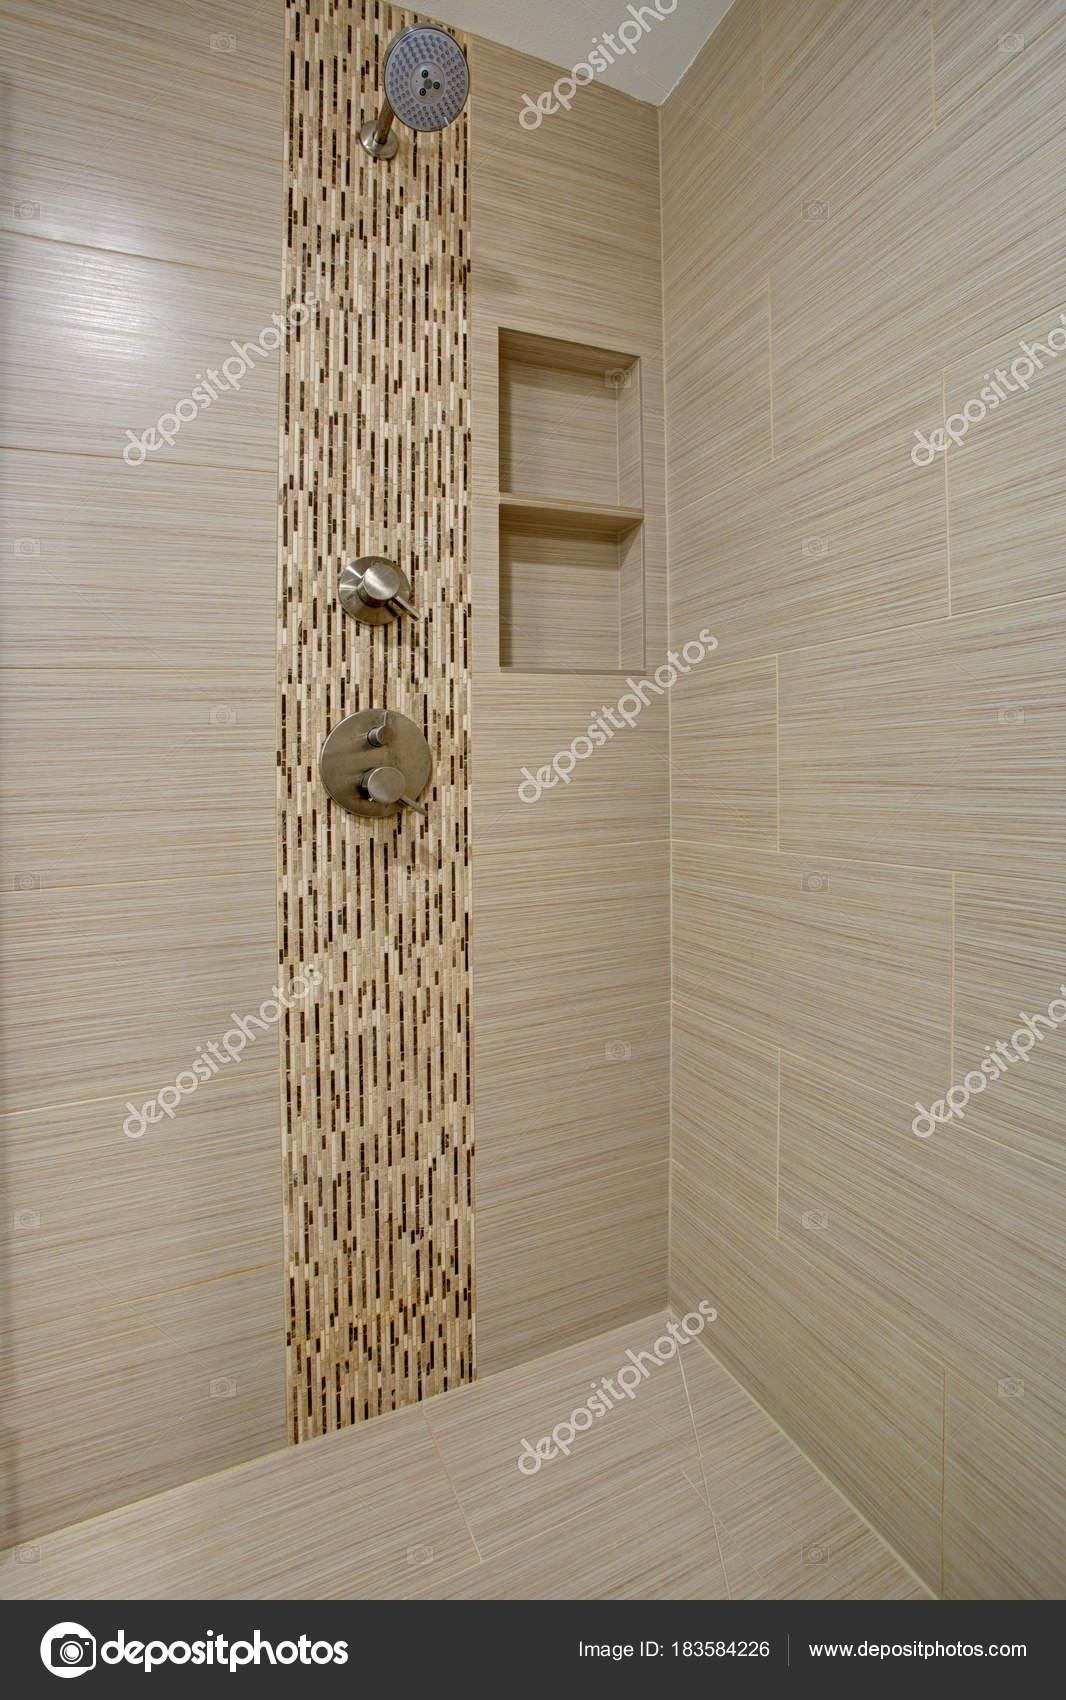 schicke begehbare dusche mit beige gefliest u-bahn interieur